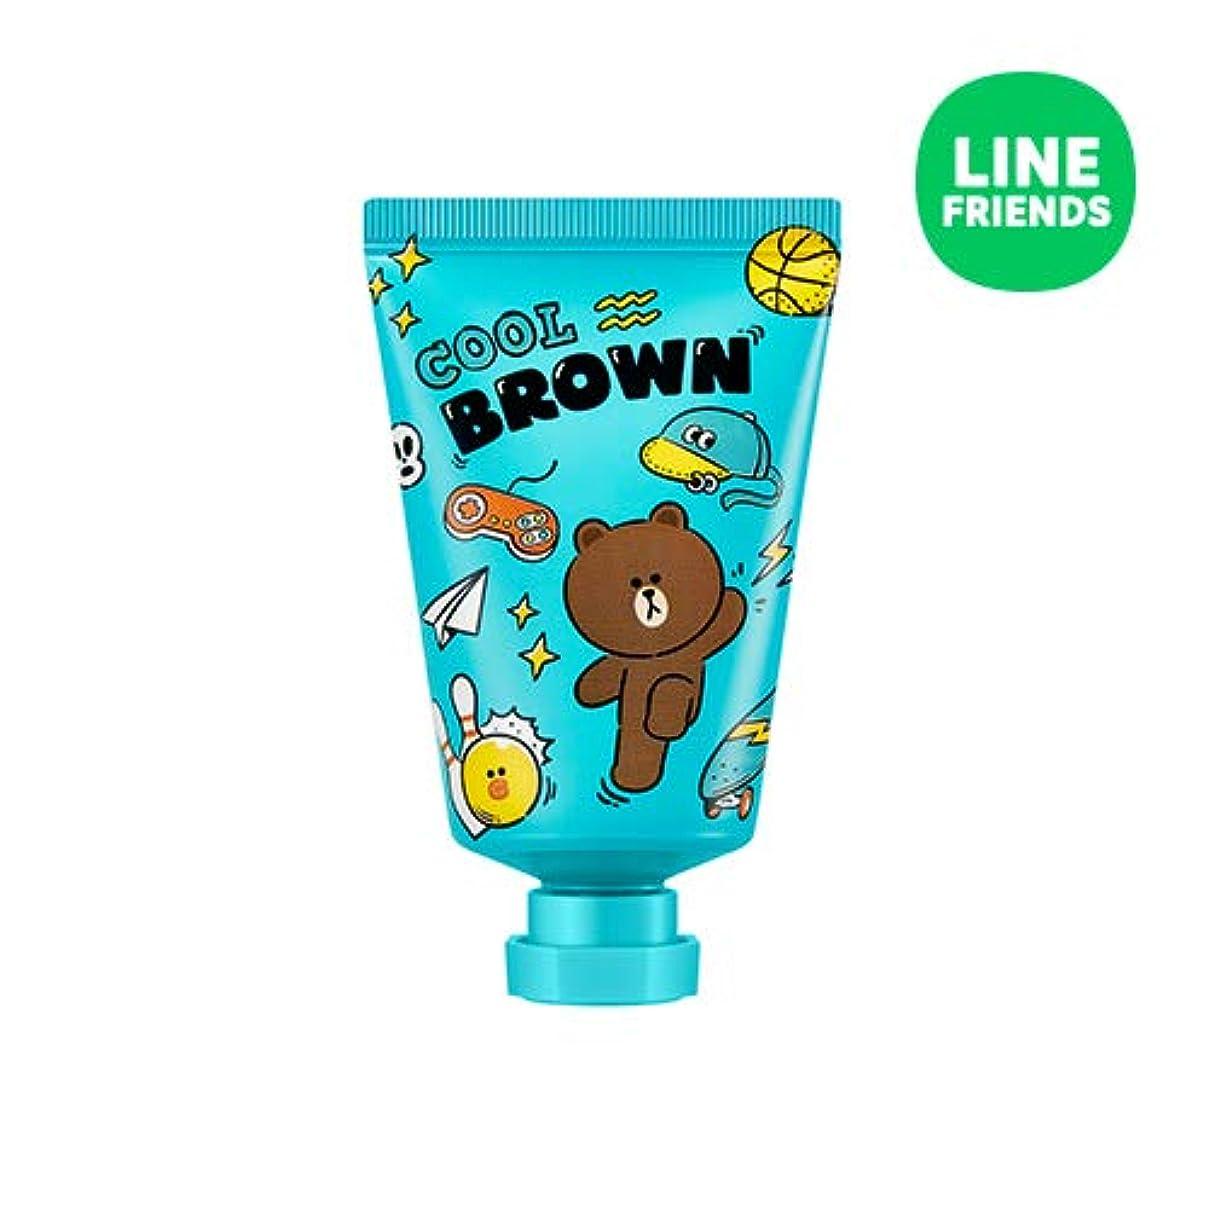 いつか政治的魅力的ミシャ(ラインフレンズ)ラブシークレットハンドクリーム 30ml MISSHA [Line Friends Edition] Love Secret Hand Cream - Brown # Grapefruit [並行輸入品]